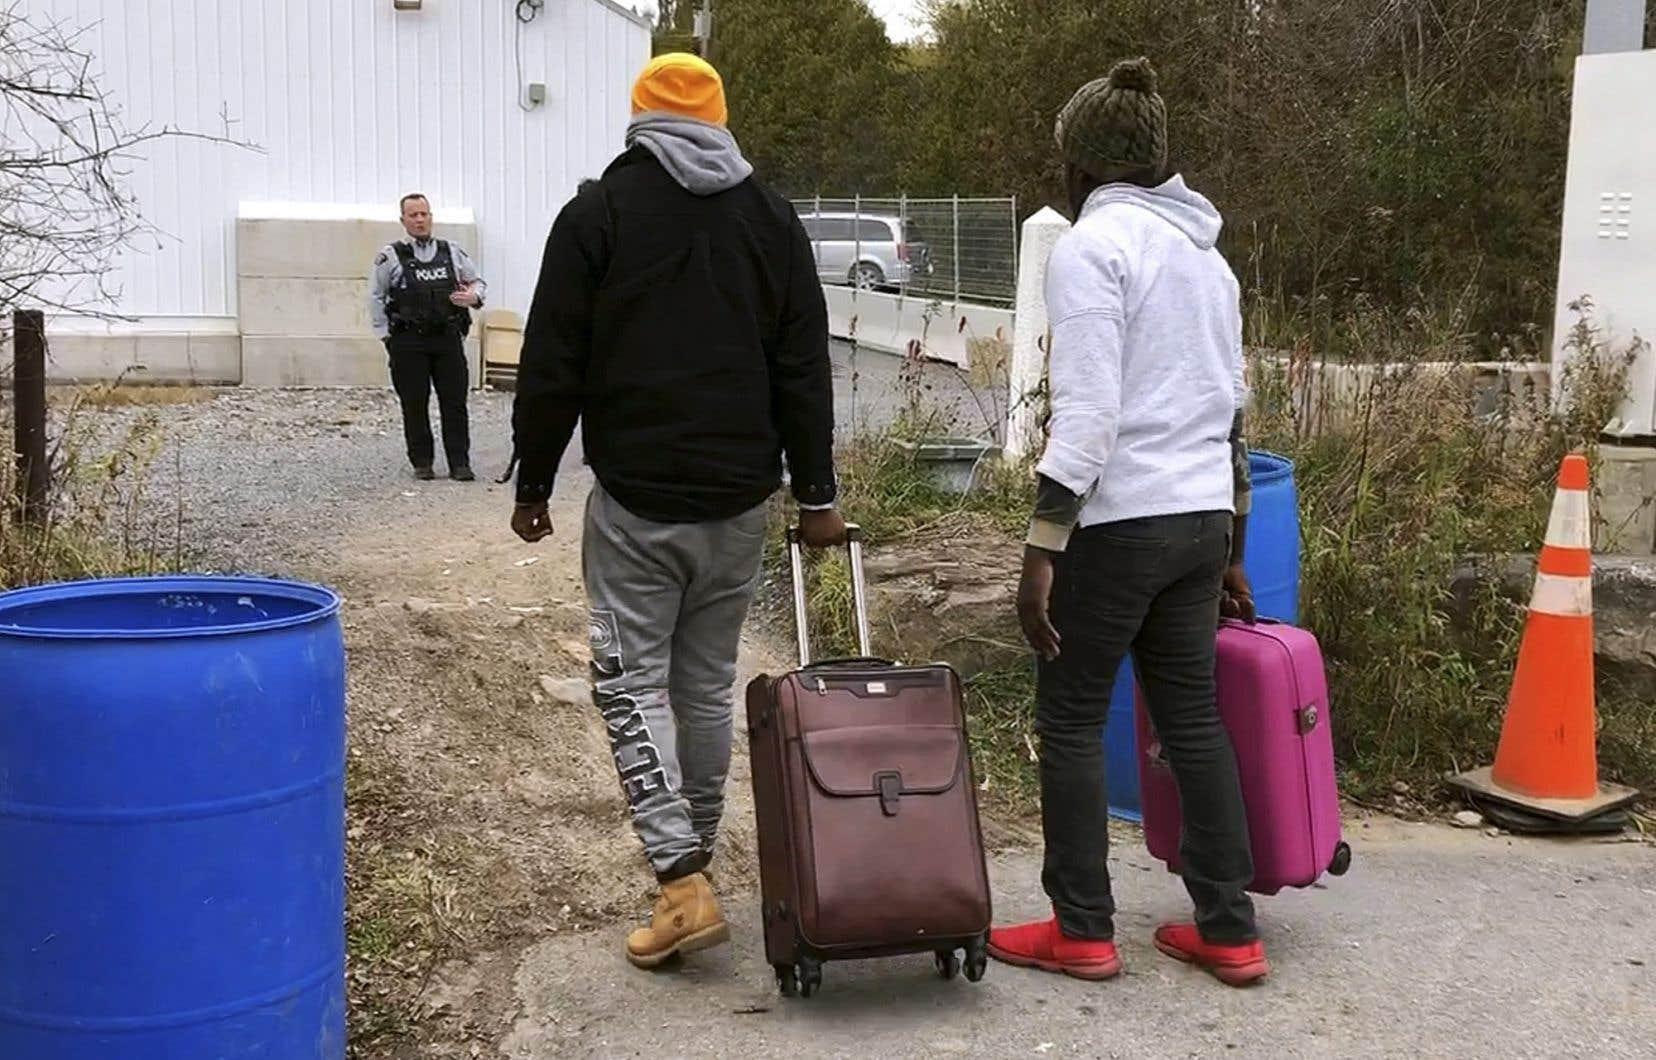 Cette entente signifie dans les faits que le Canada peut refouler un demandeur du statut de réfugié qui arrive à un point d'entrée terrestre officiel de la frontière canado-américaine, puisqu'il doit faire cette demande aux États-Unis, où il était d'abord arrivé.